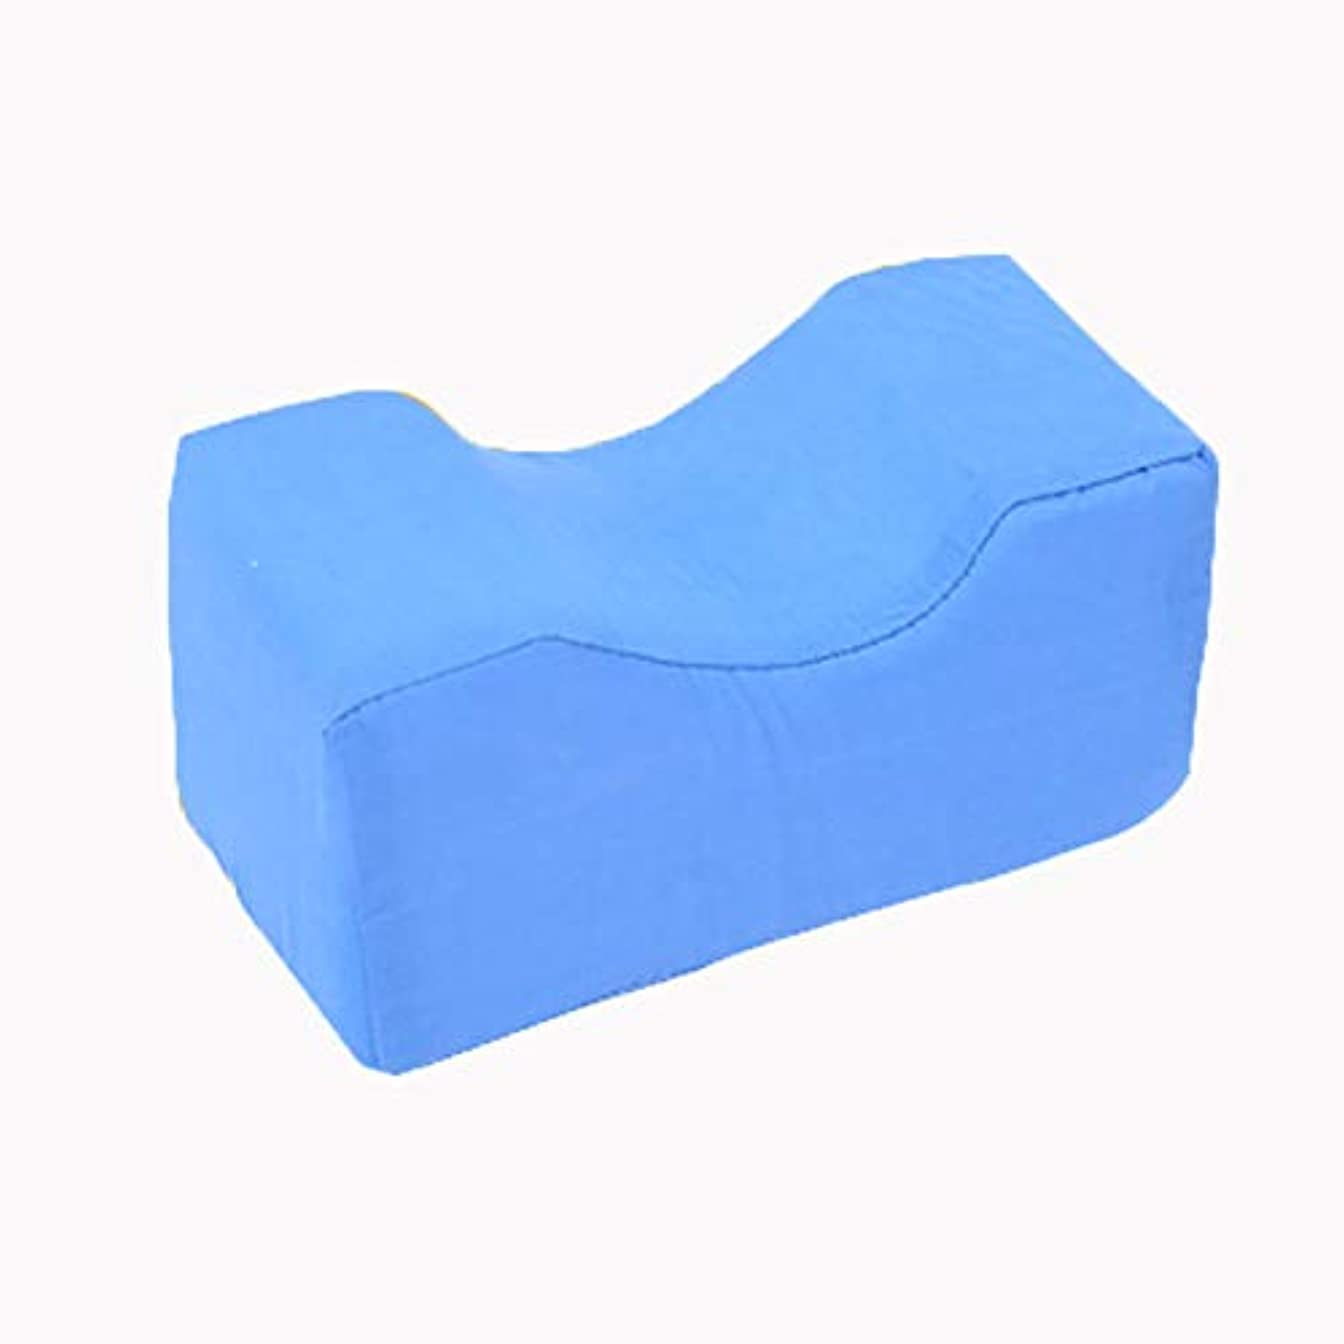 性交信仰アプト泡脚リフトパッド、足首サポート、泡脚を覚えやすい、洗えるふた付き、手術、けが、休息のための枕をサポートし、上げる (ブルー)